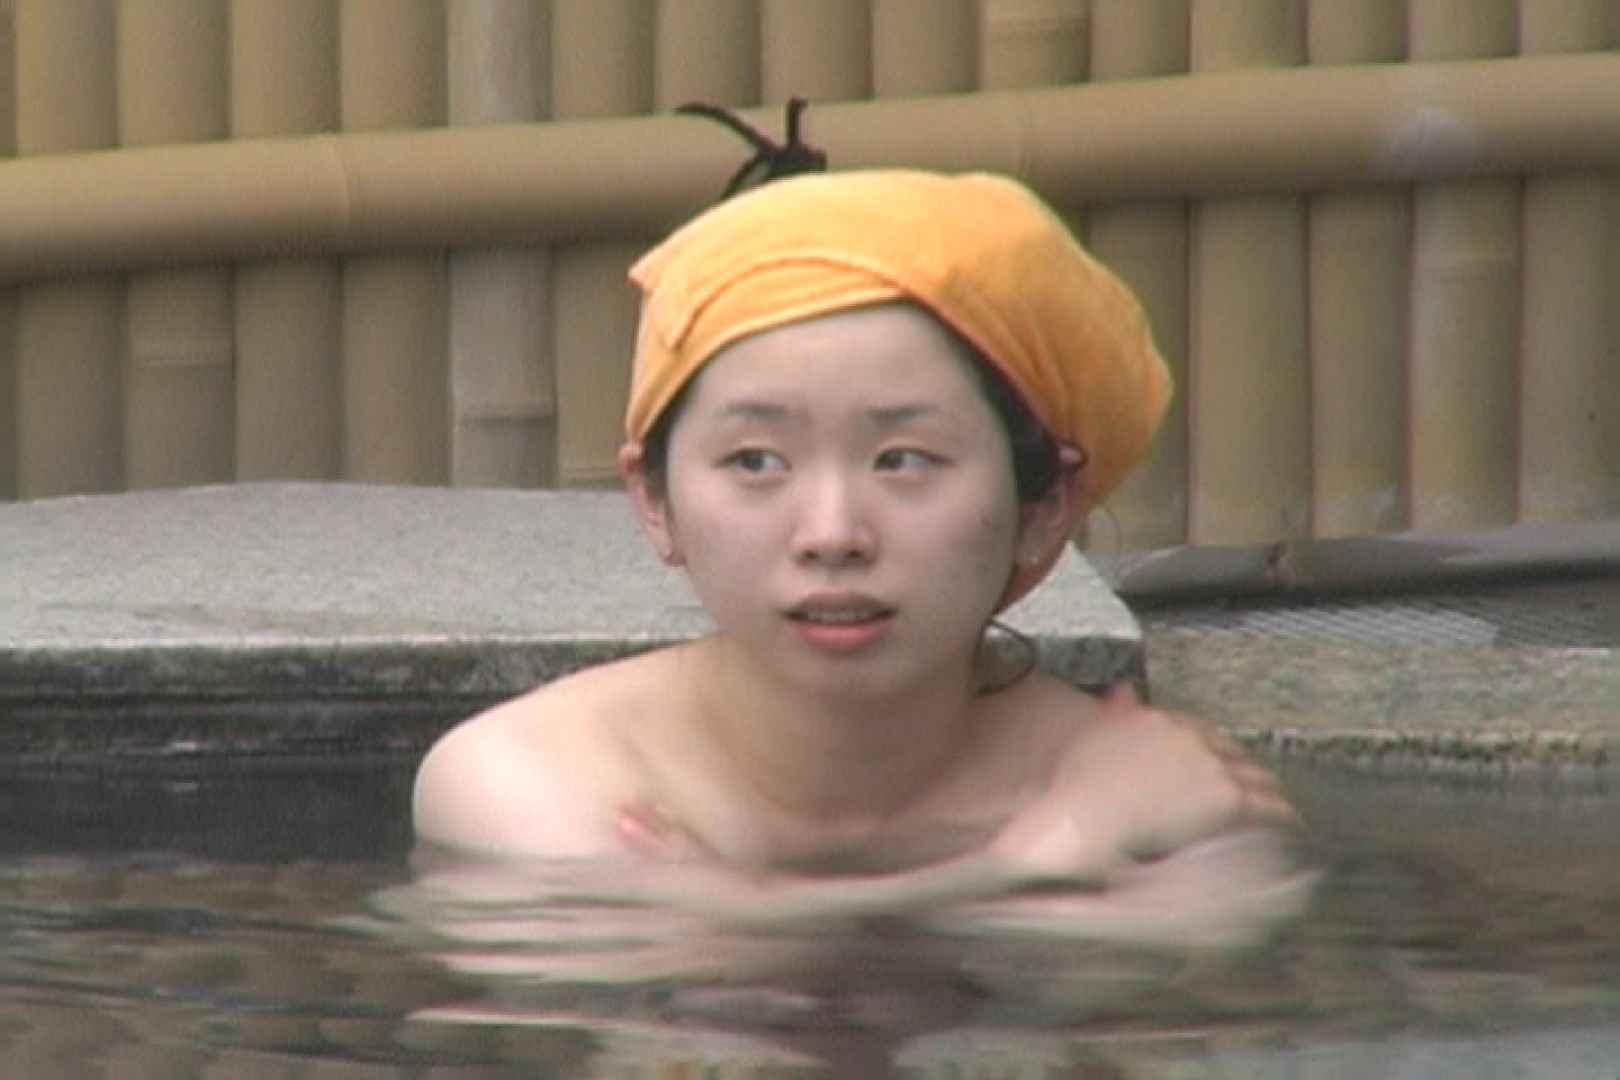 Aquaな露天風呂Vol.641 露天風呂 | 盗撮  32連発 10